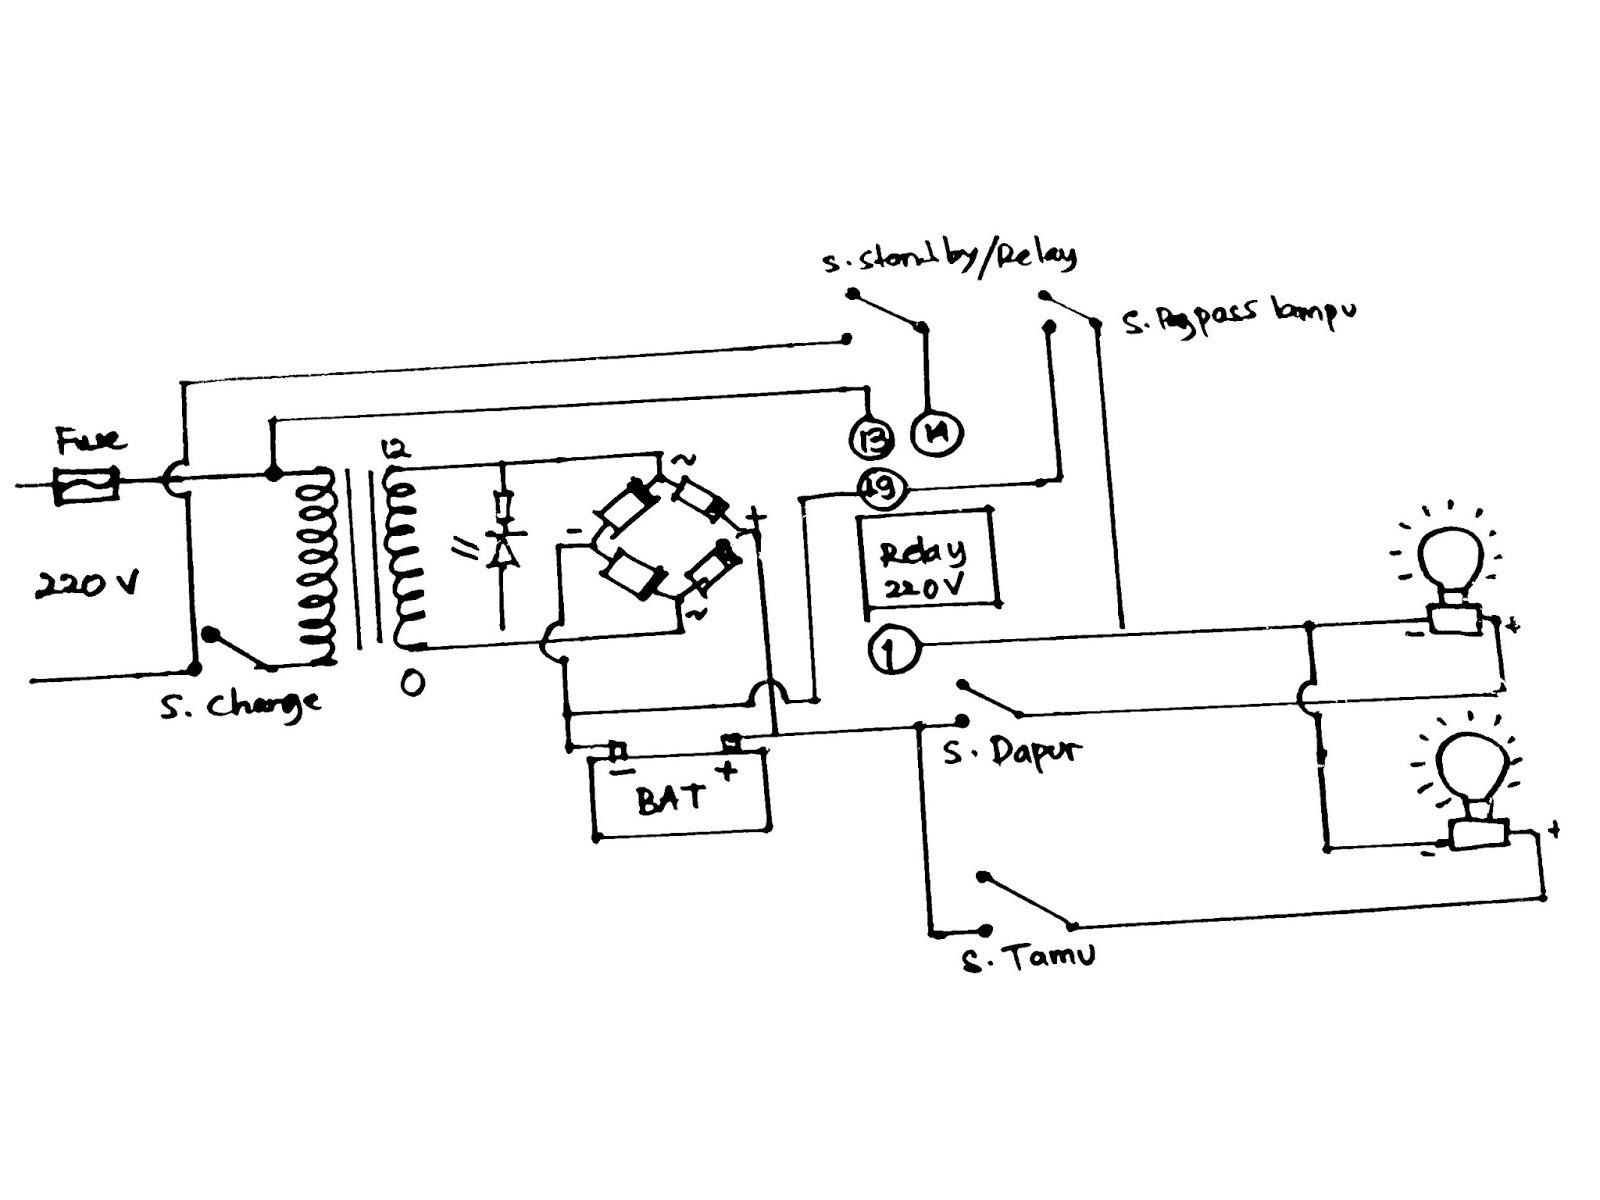 Rangkaian Lampu Emergency Menyala Otomatis Dengan